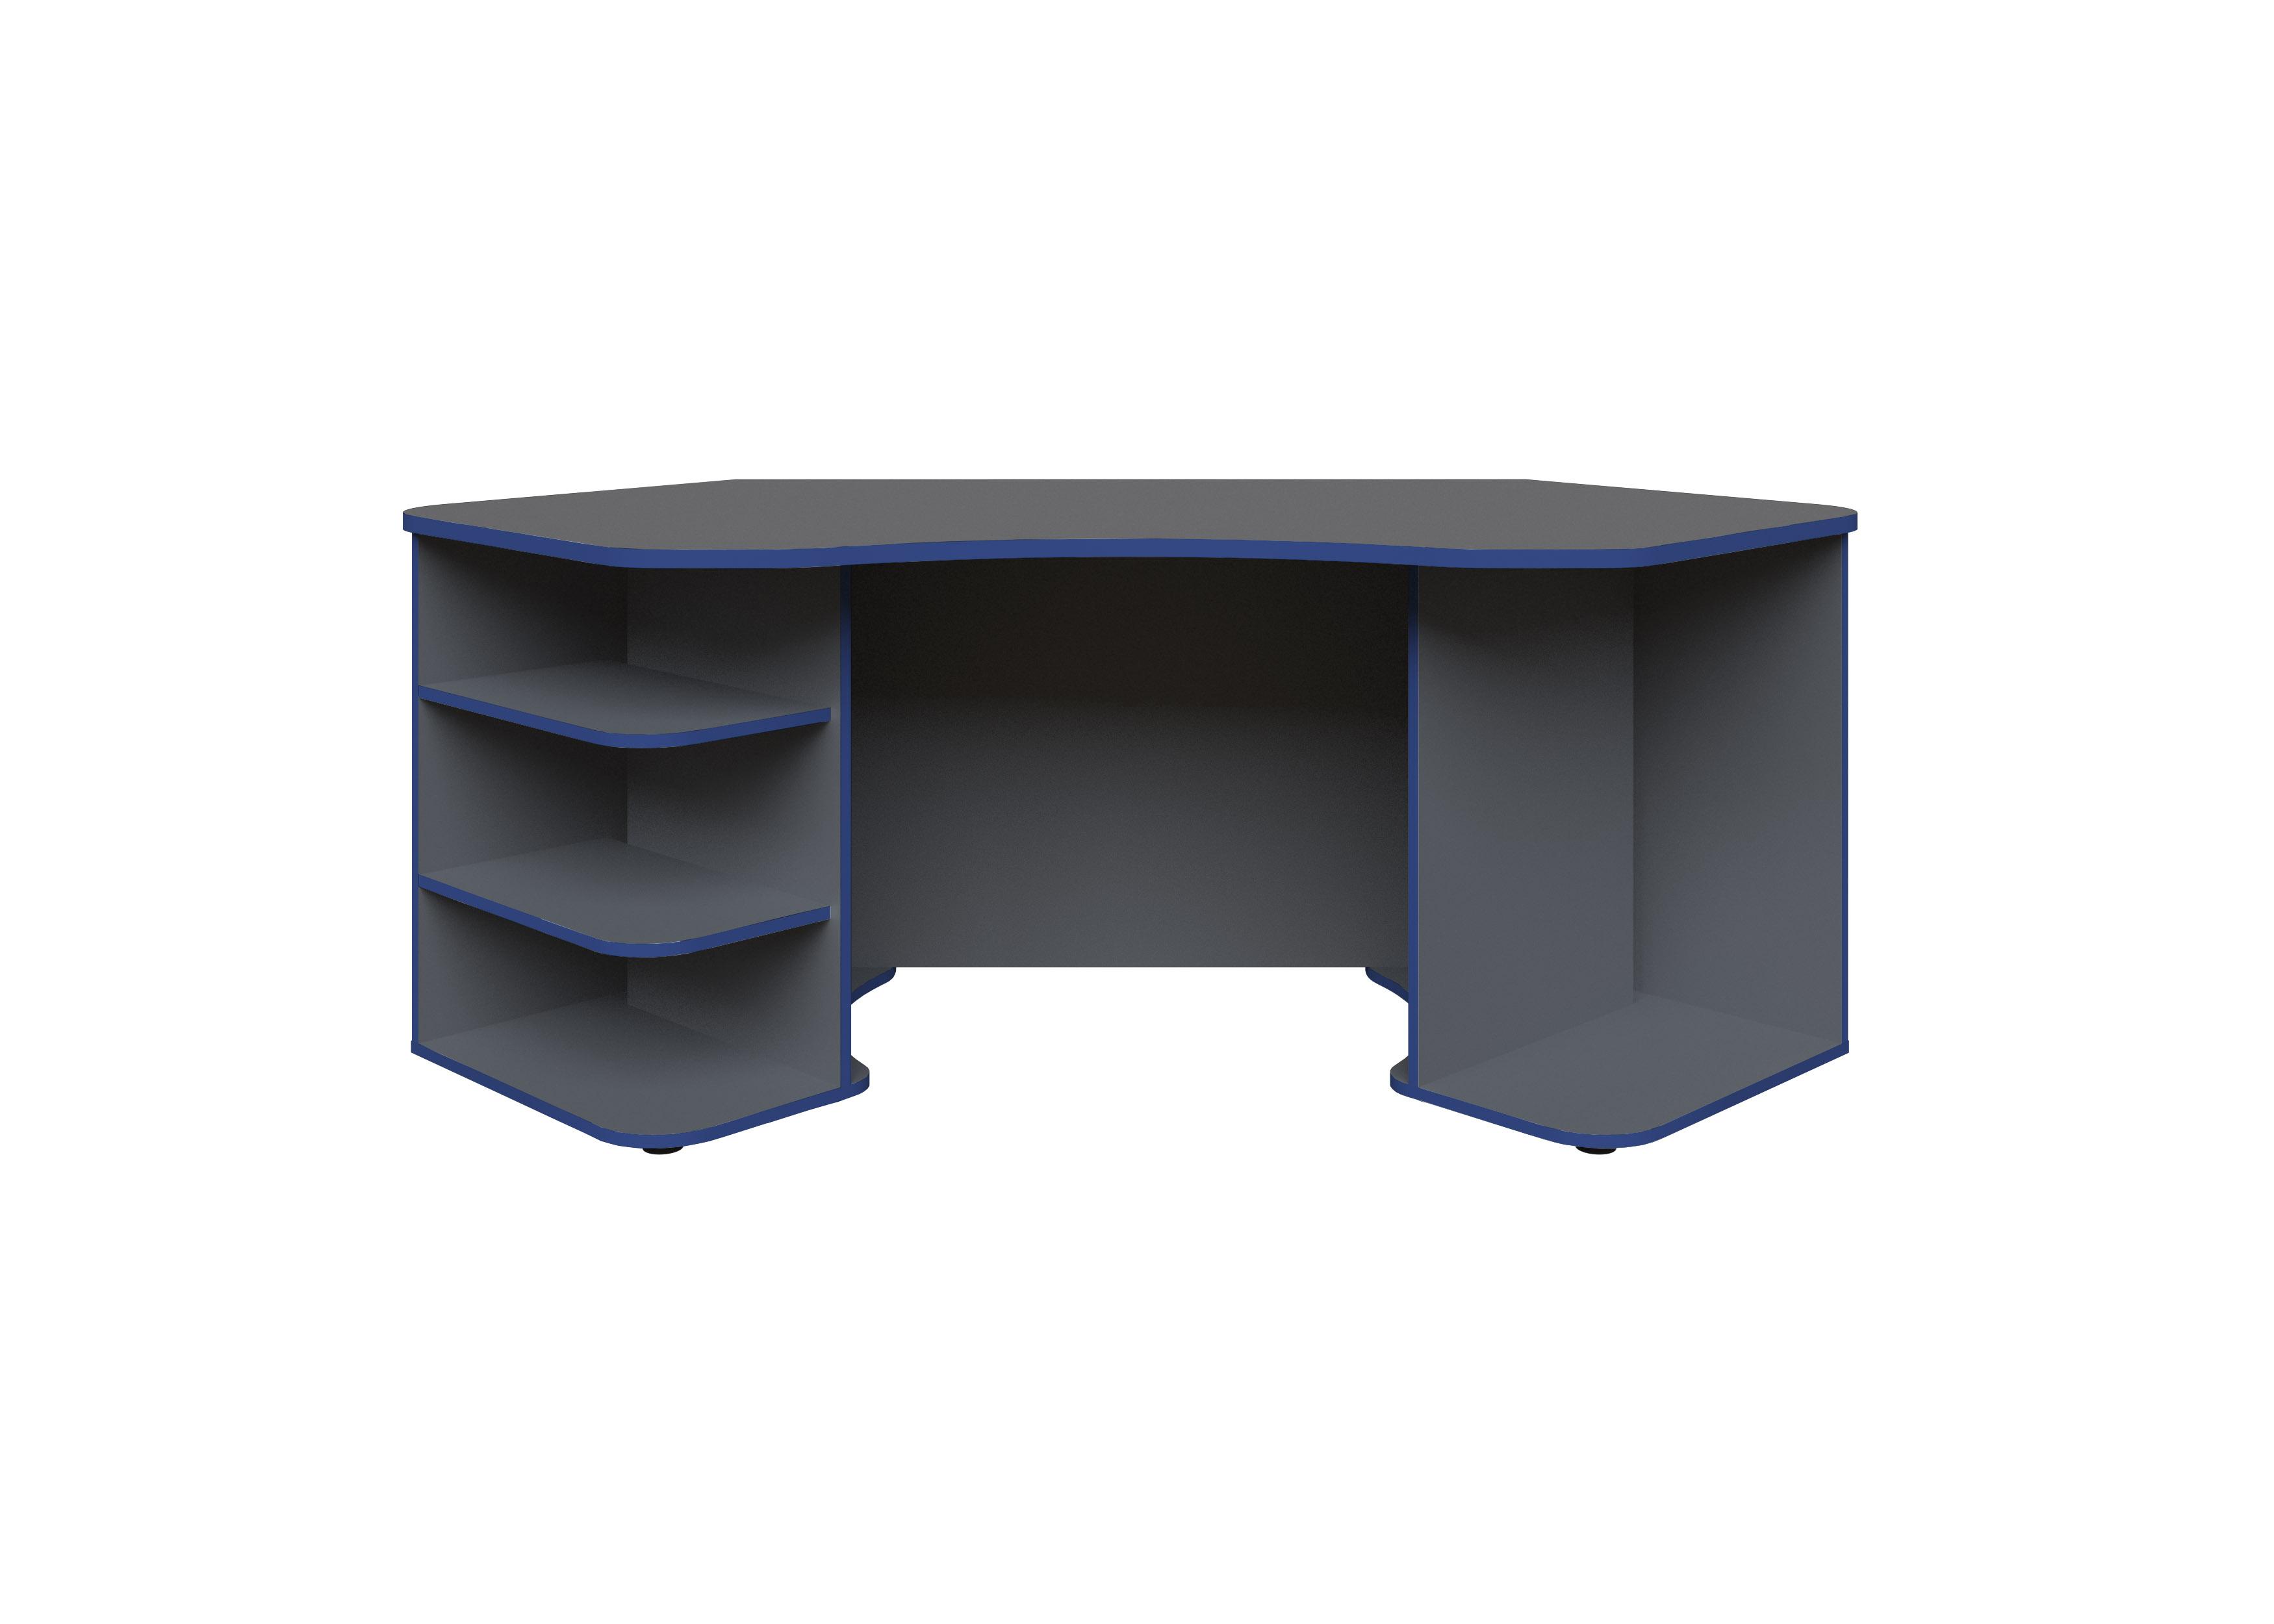 Gamingtisch Xeno, in Anthrazit/Blau für mehrere Monitore